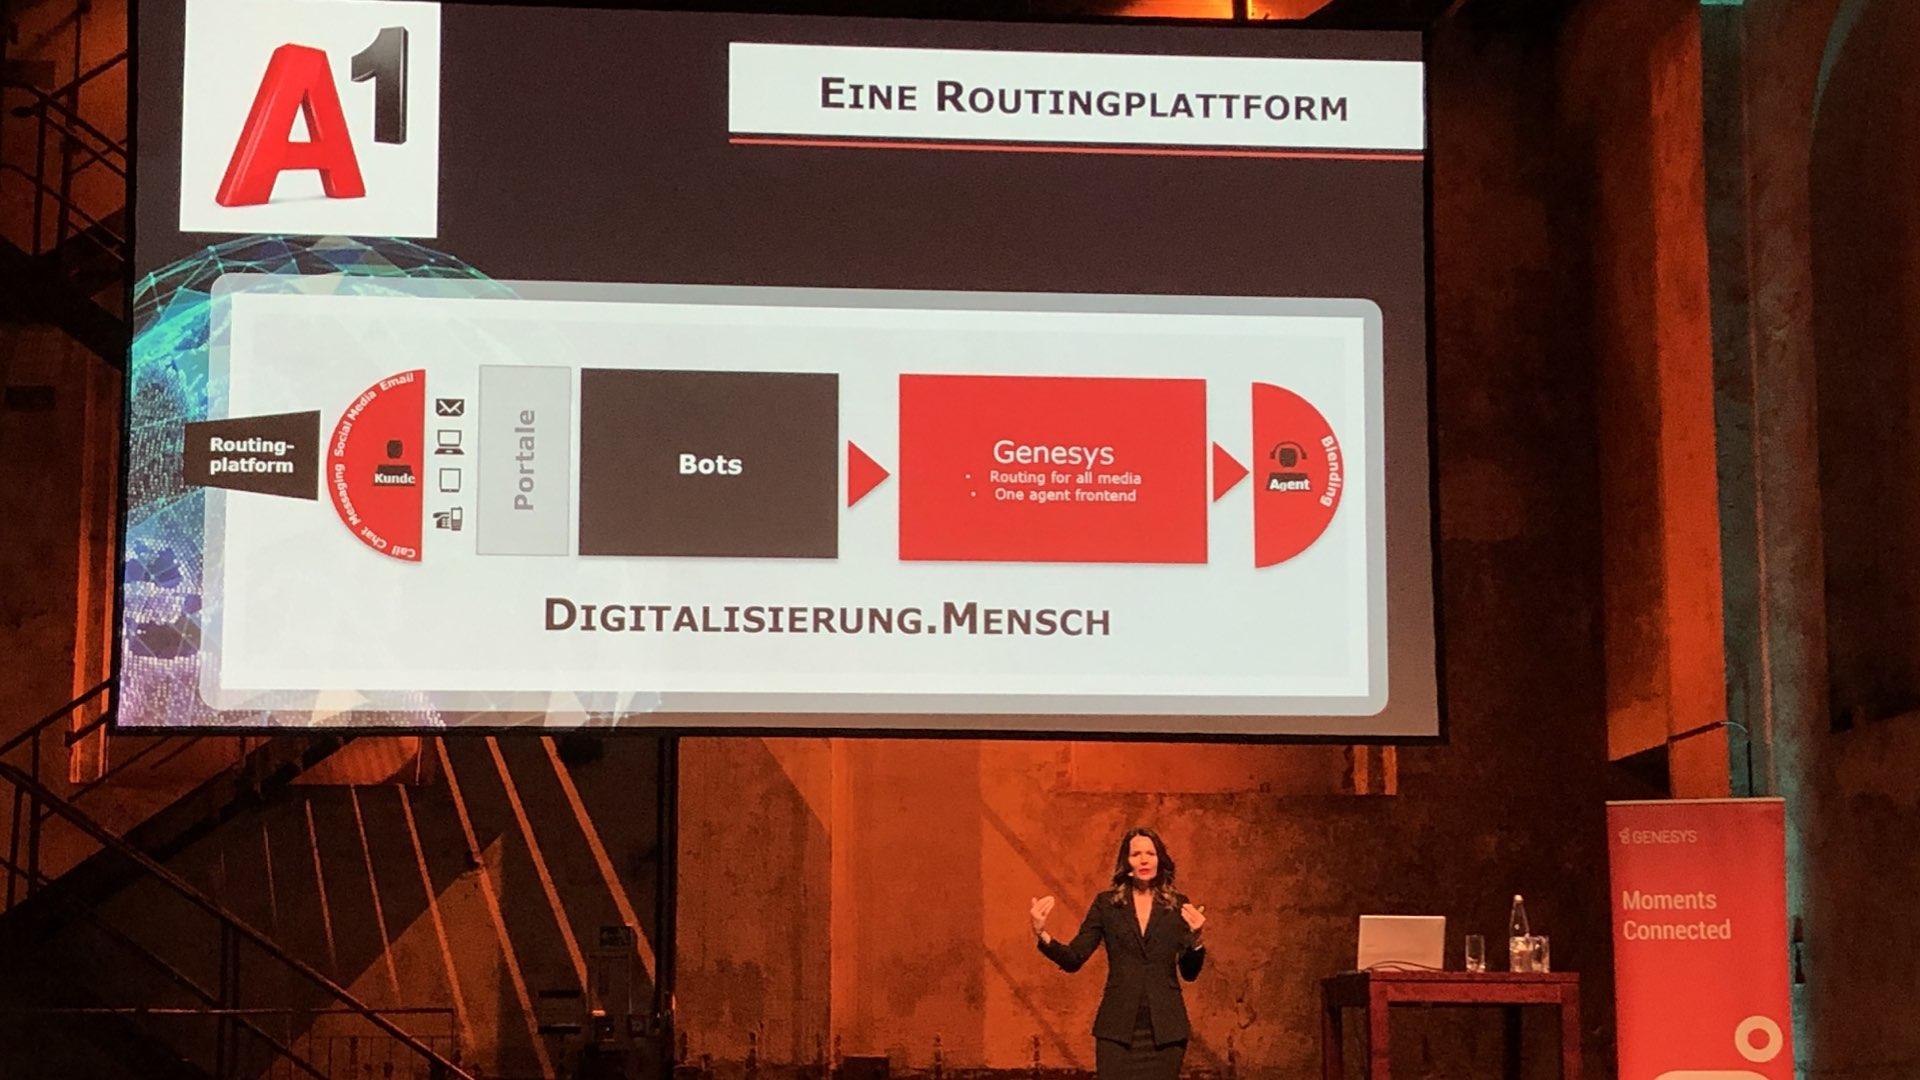 Elke Schaffer (Director Customer Service & Sales von A1) über ihre Routingplattform